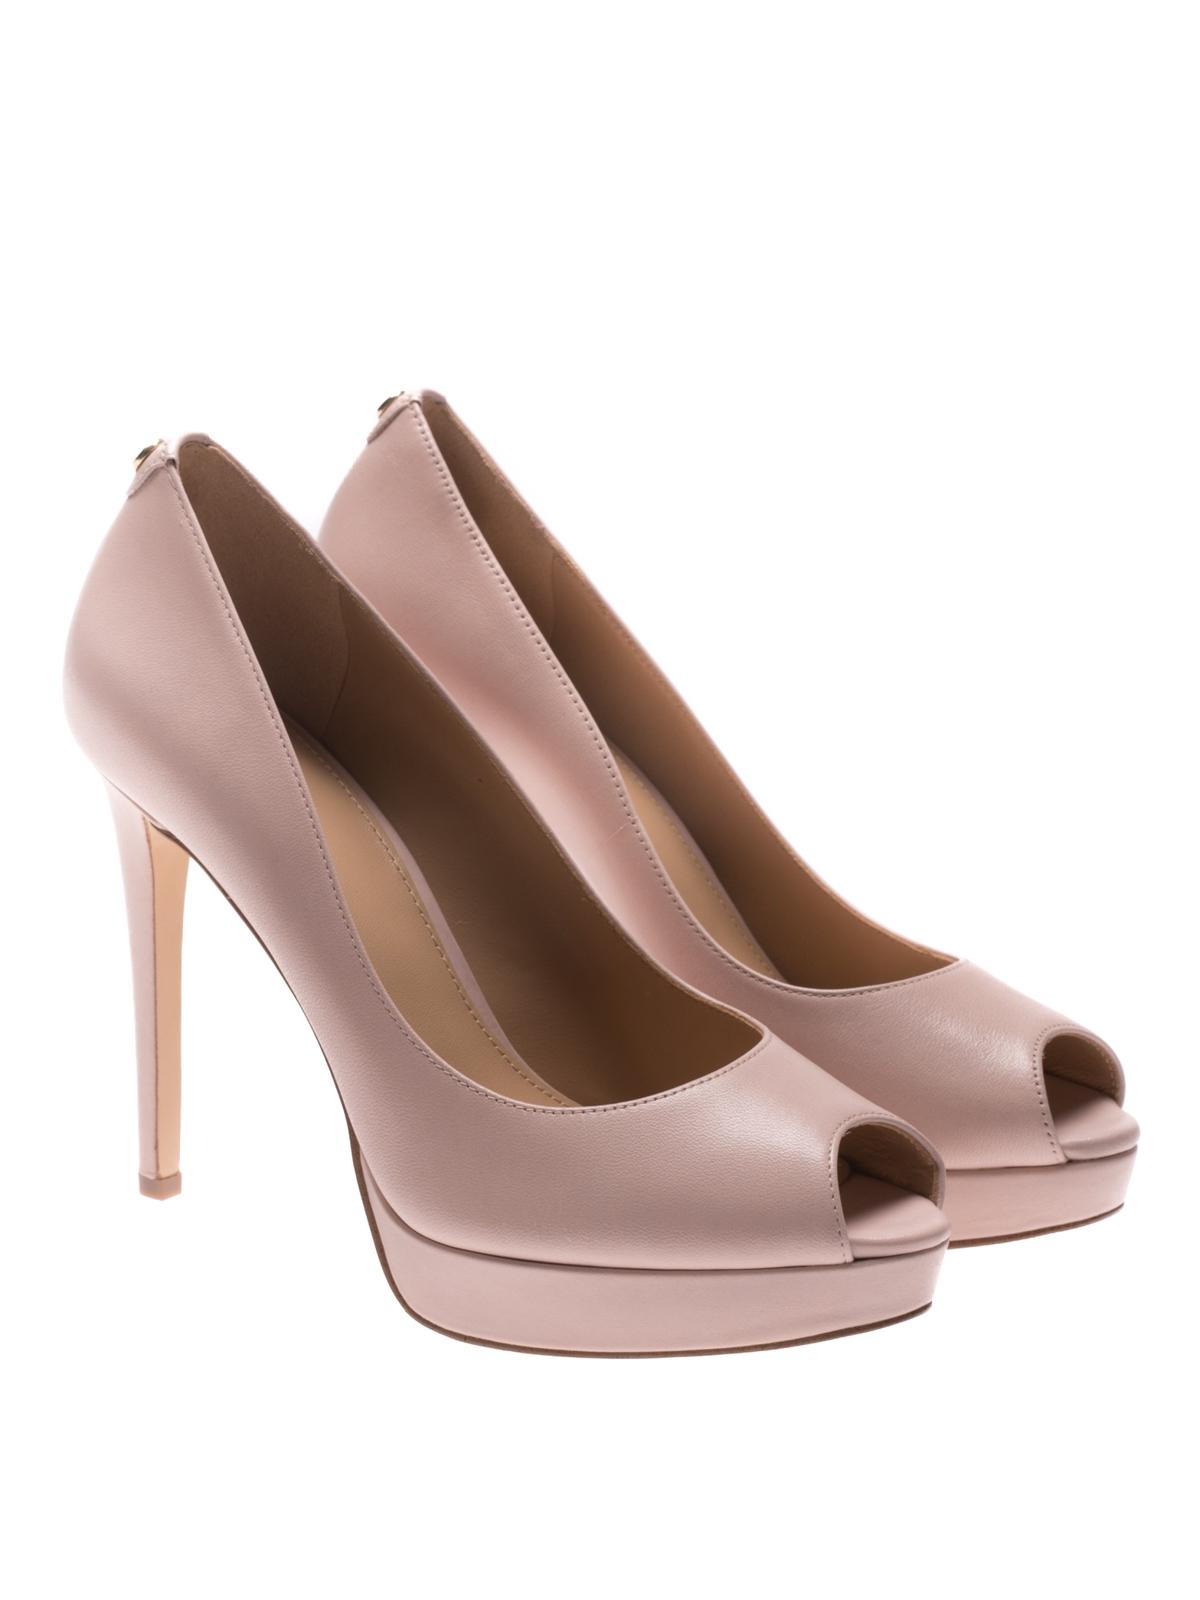 c2cb4291e1a Michael Kors - Erika leather open toe pumps - court shoes - 40S8ERHP1L97